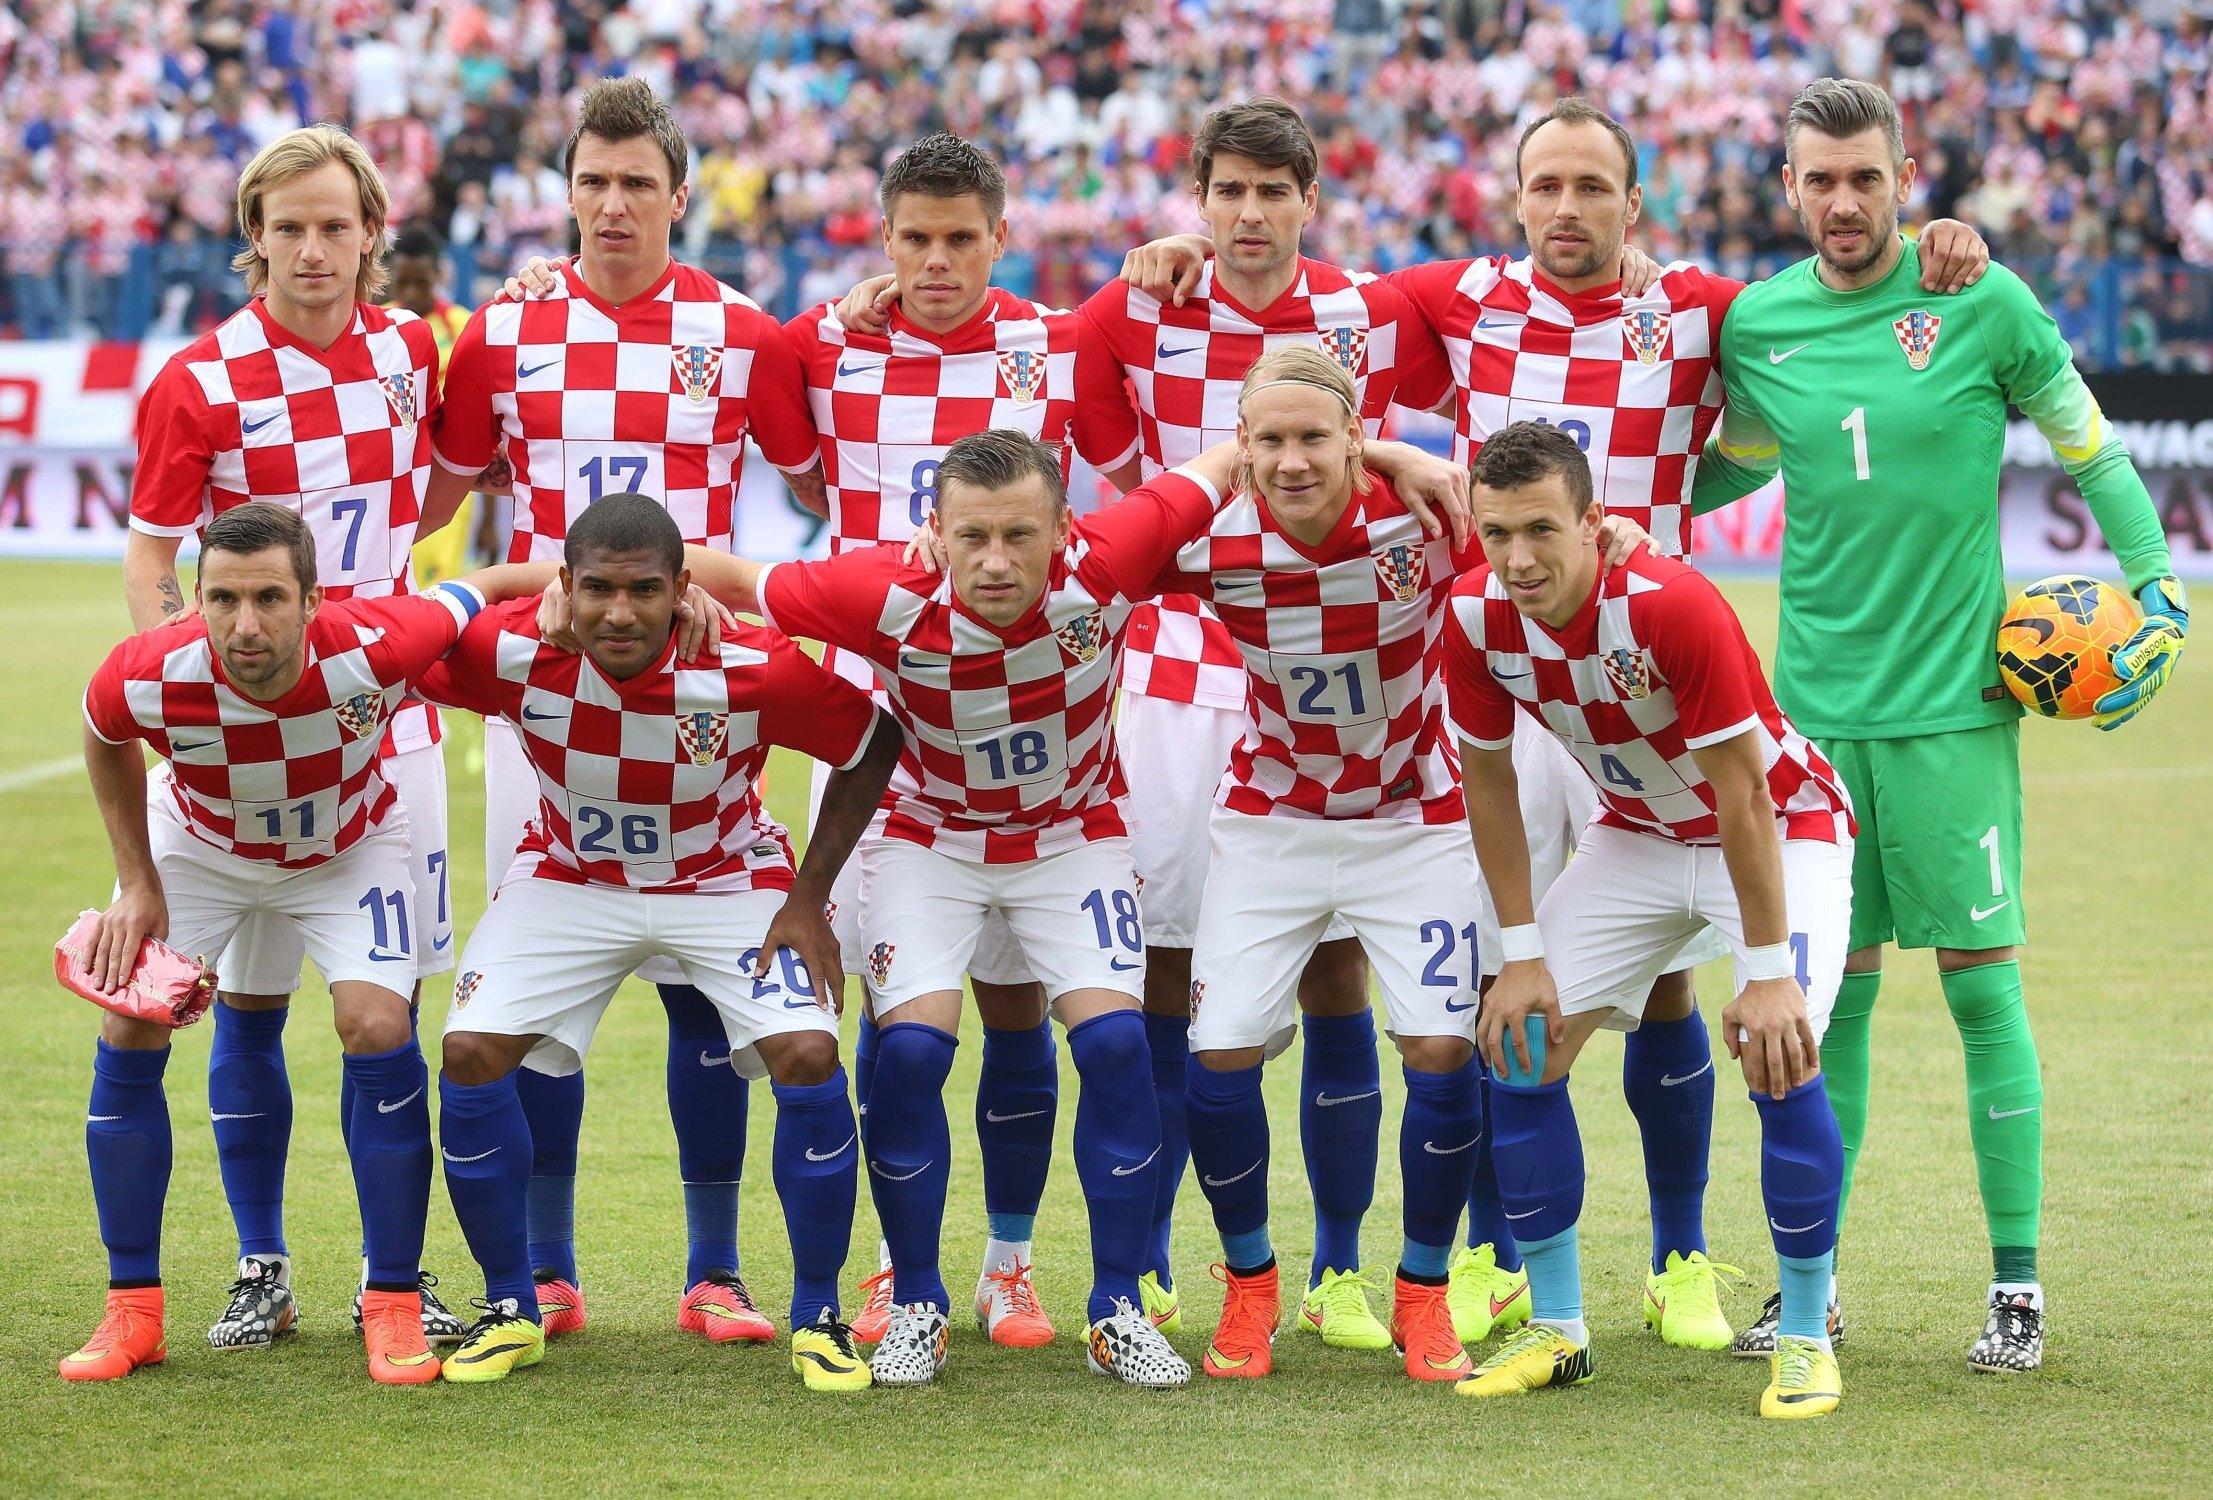 уверены, нашли футболисты хорватии имена и фото берега